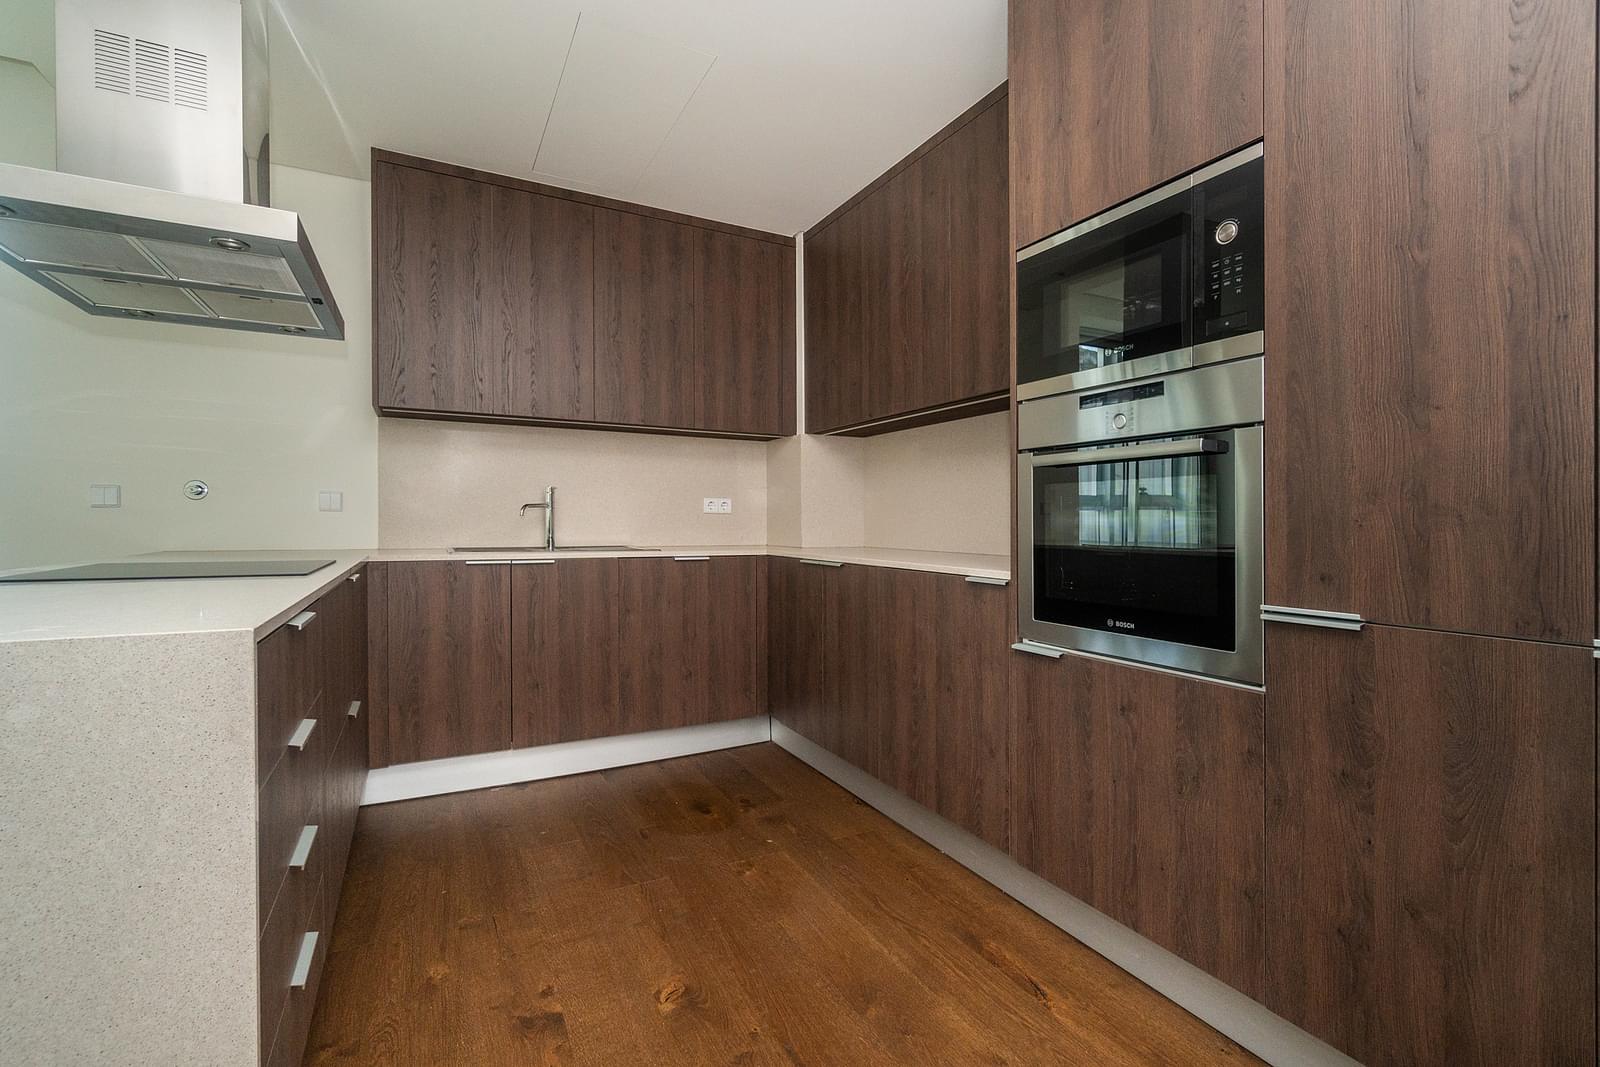 pf18694-apartamento-t3-lisboa-9c1d131a-6af1-41ba-81e6-d074dda1ccd1